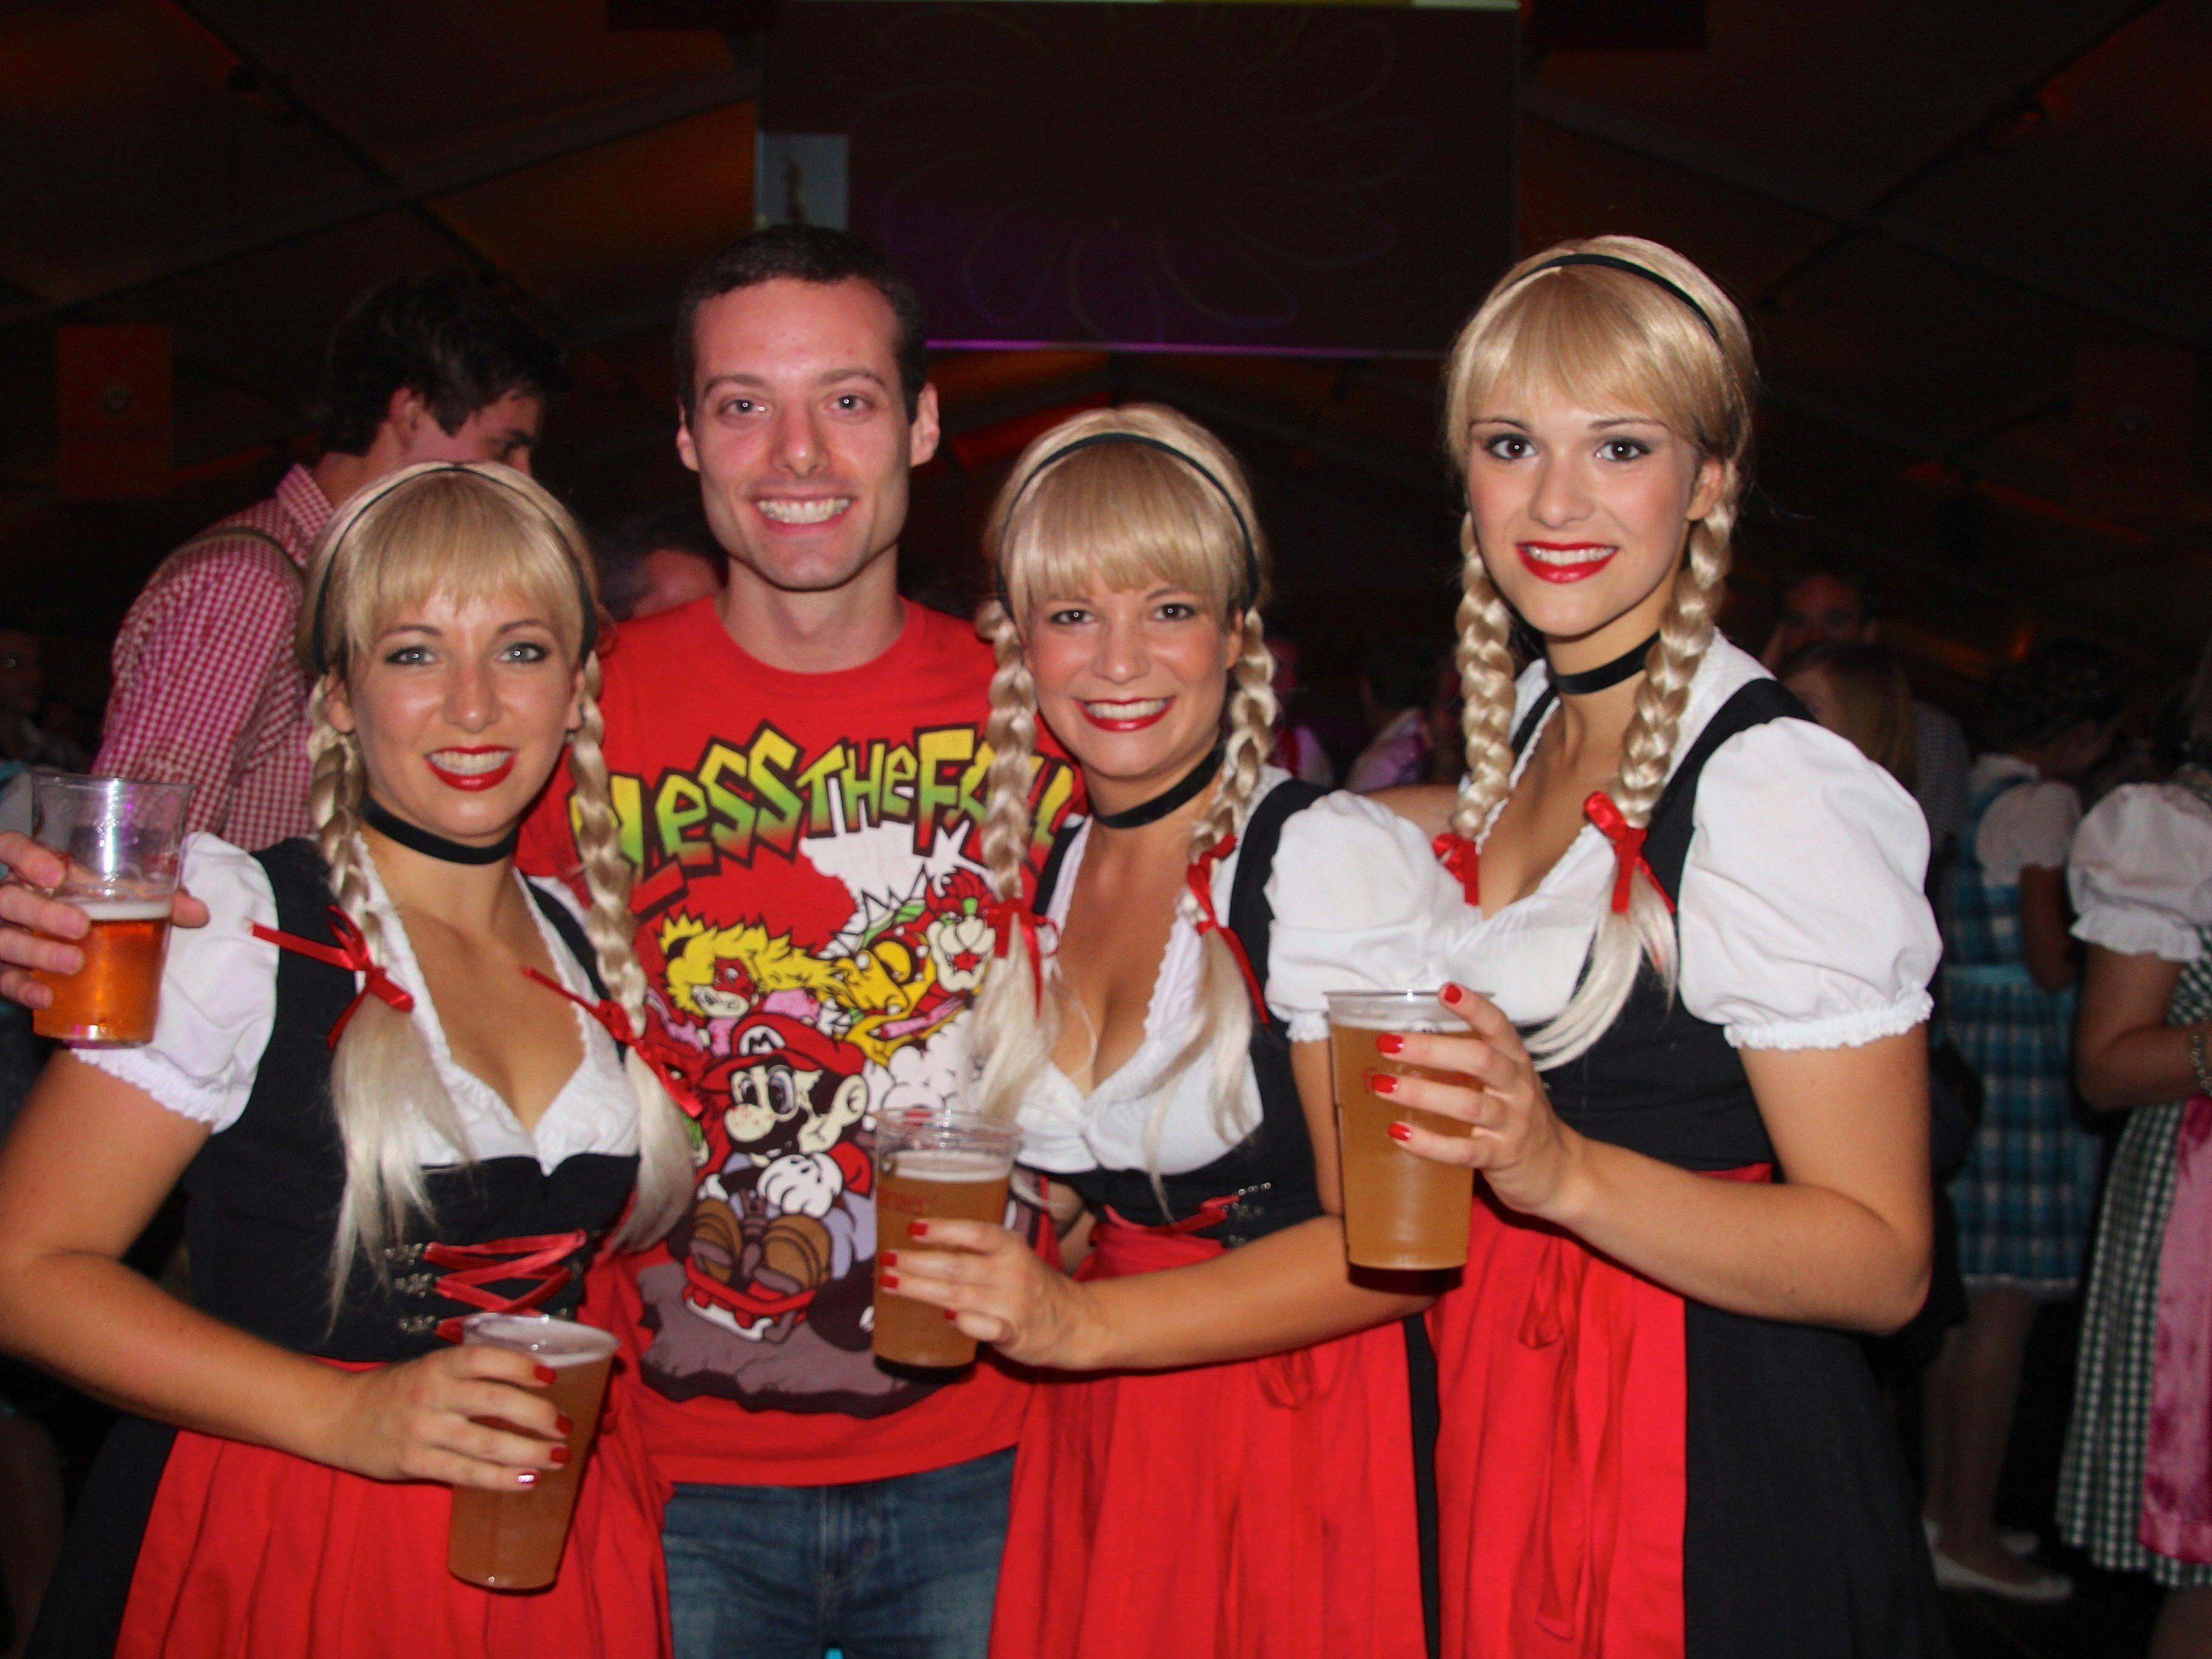 Martin aus Frastanz freut sich bereits wieder auf das nächste Drei-Schwestern-Clubbing im Festzelt.